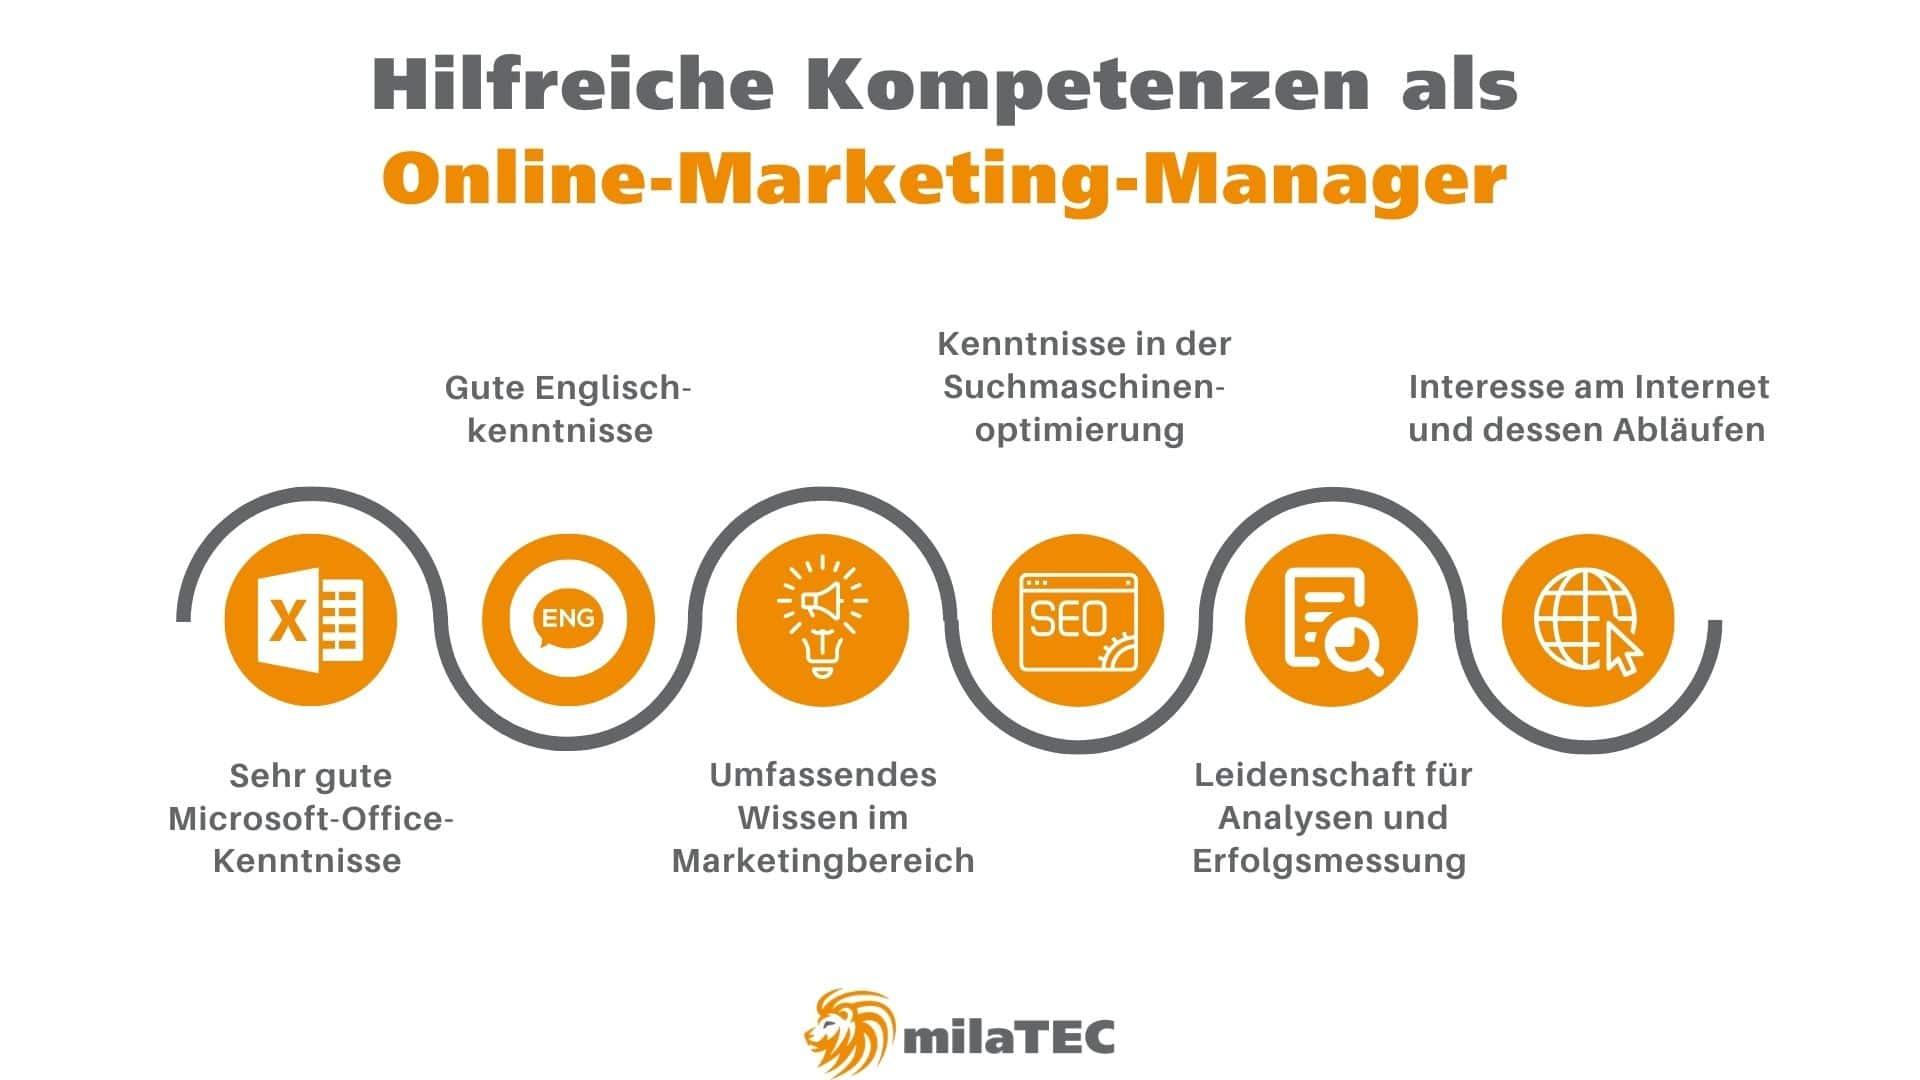 Kompetenzen als Online-Marketing-Manager